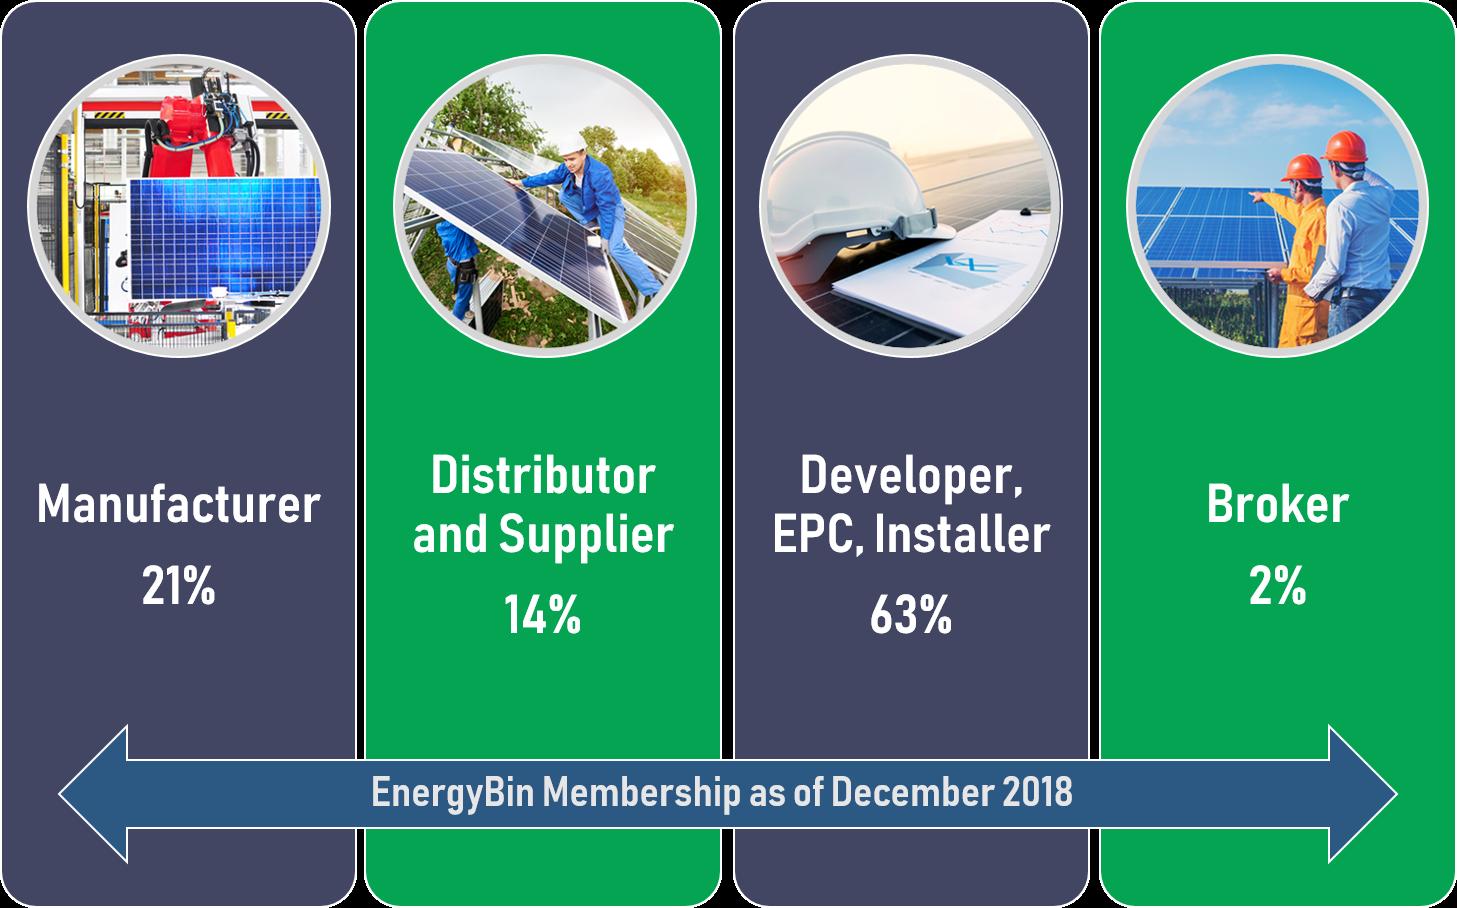 EnergyBin_Membership_Breakdown_2018